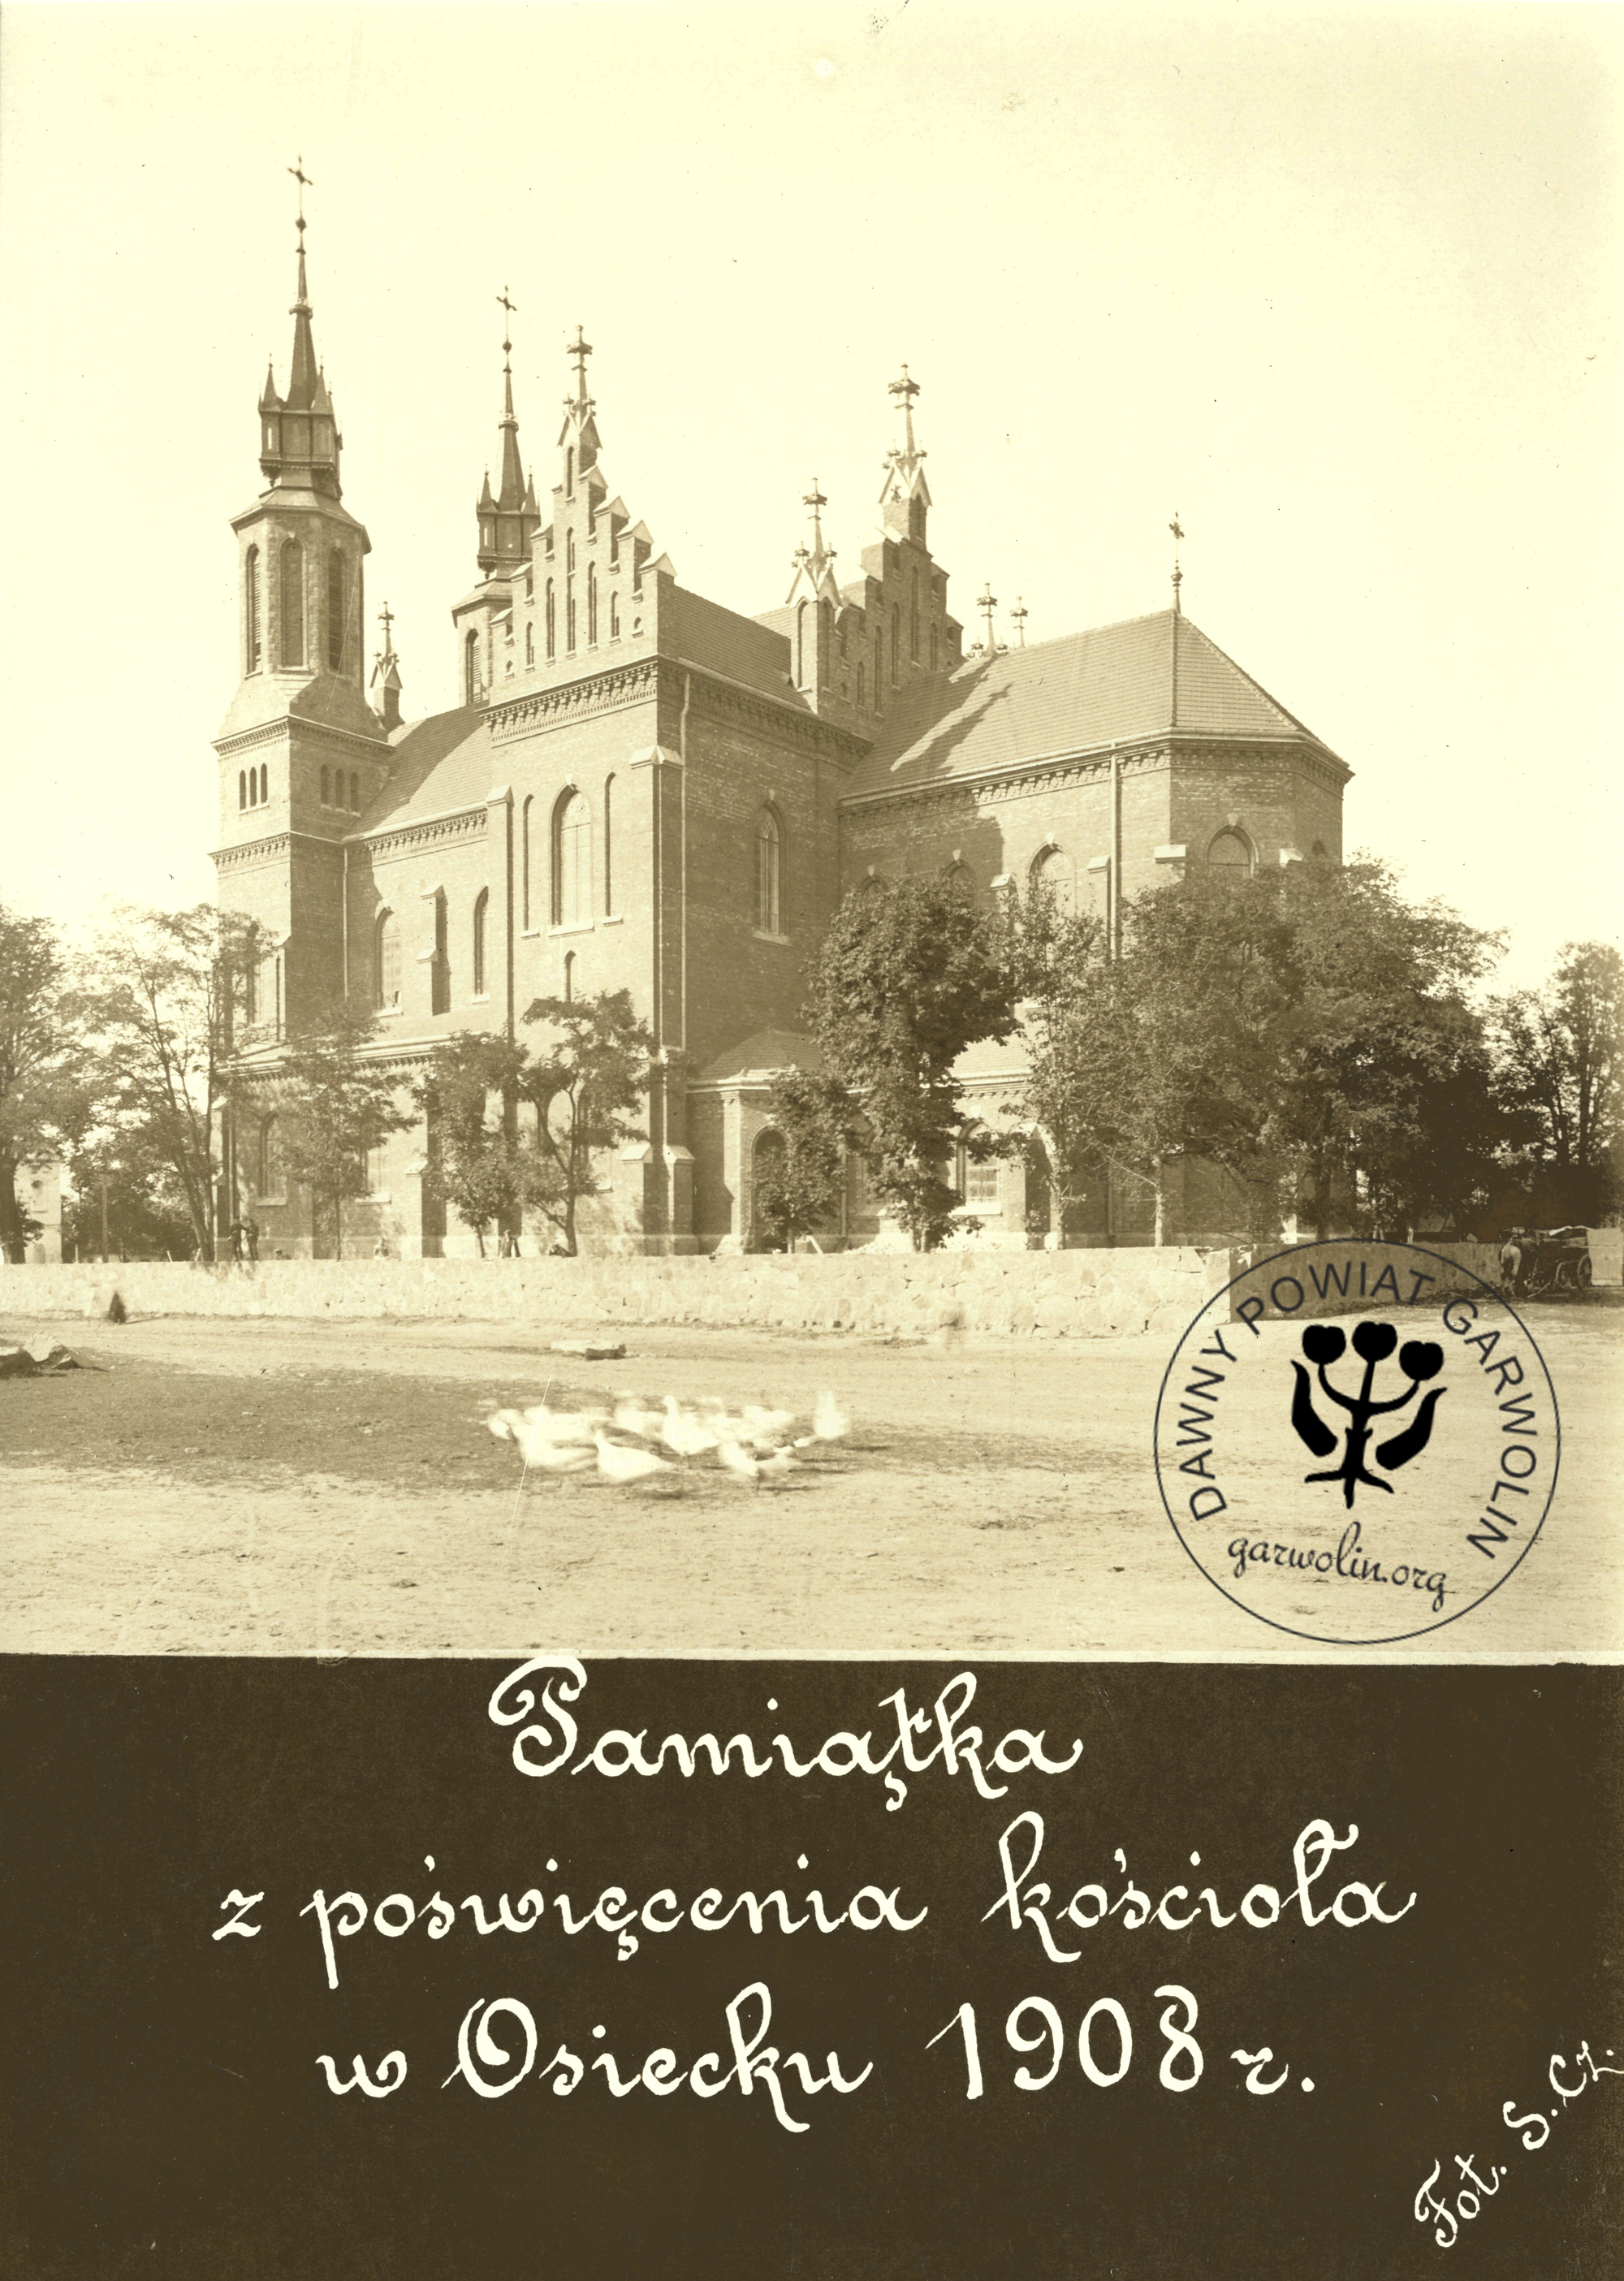 Kościół w Osiecku 1908 r.